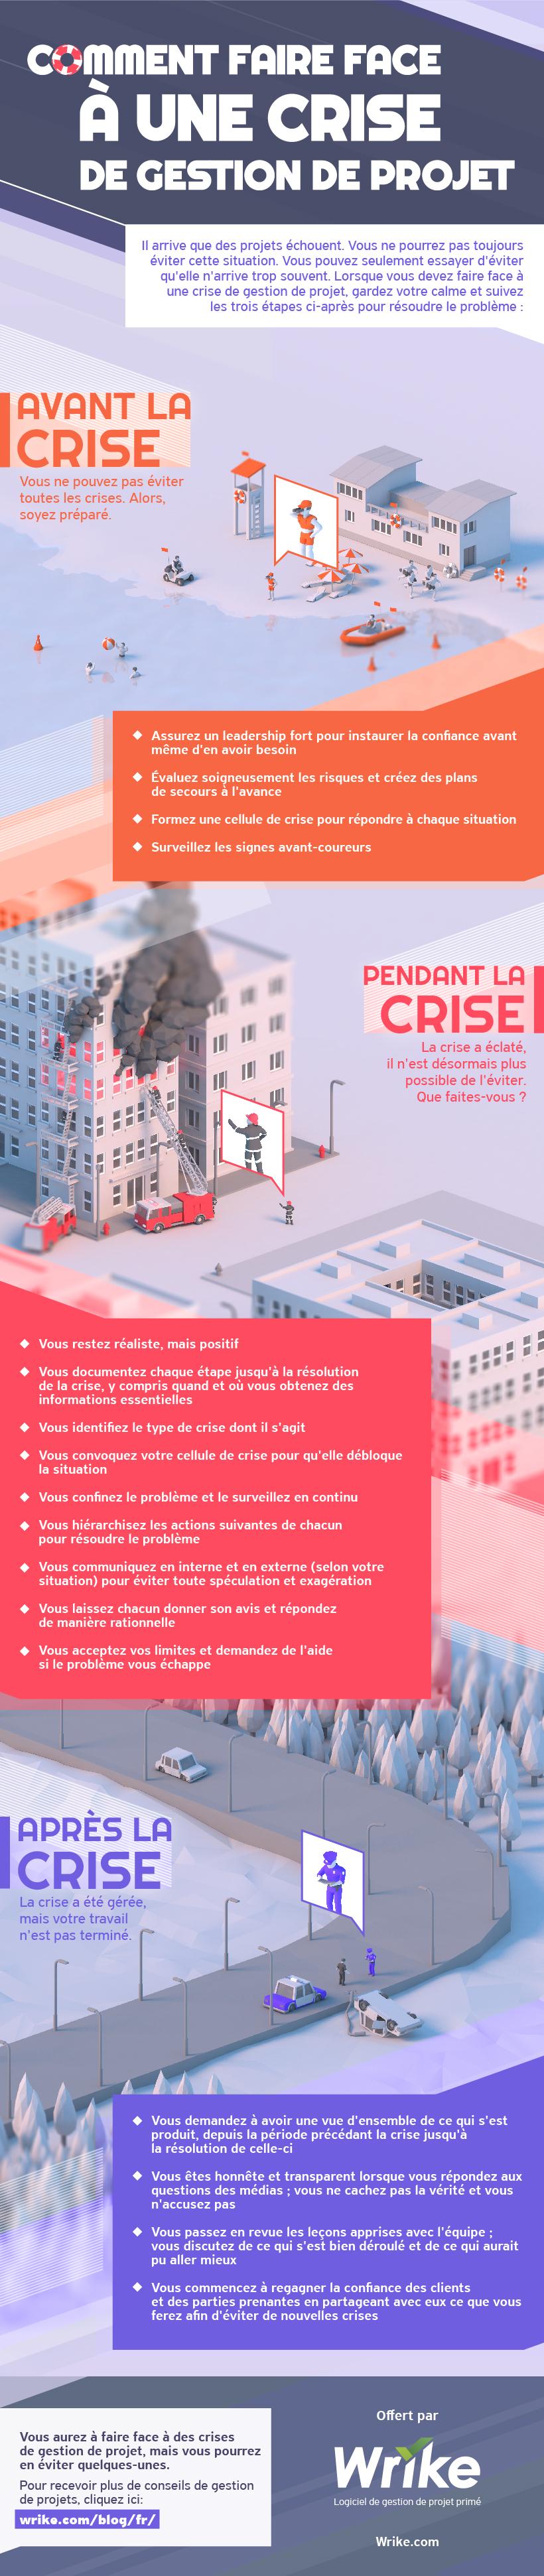 Comment faire face à une crise de gestion de projet (#infographie)